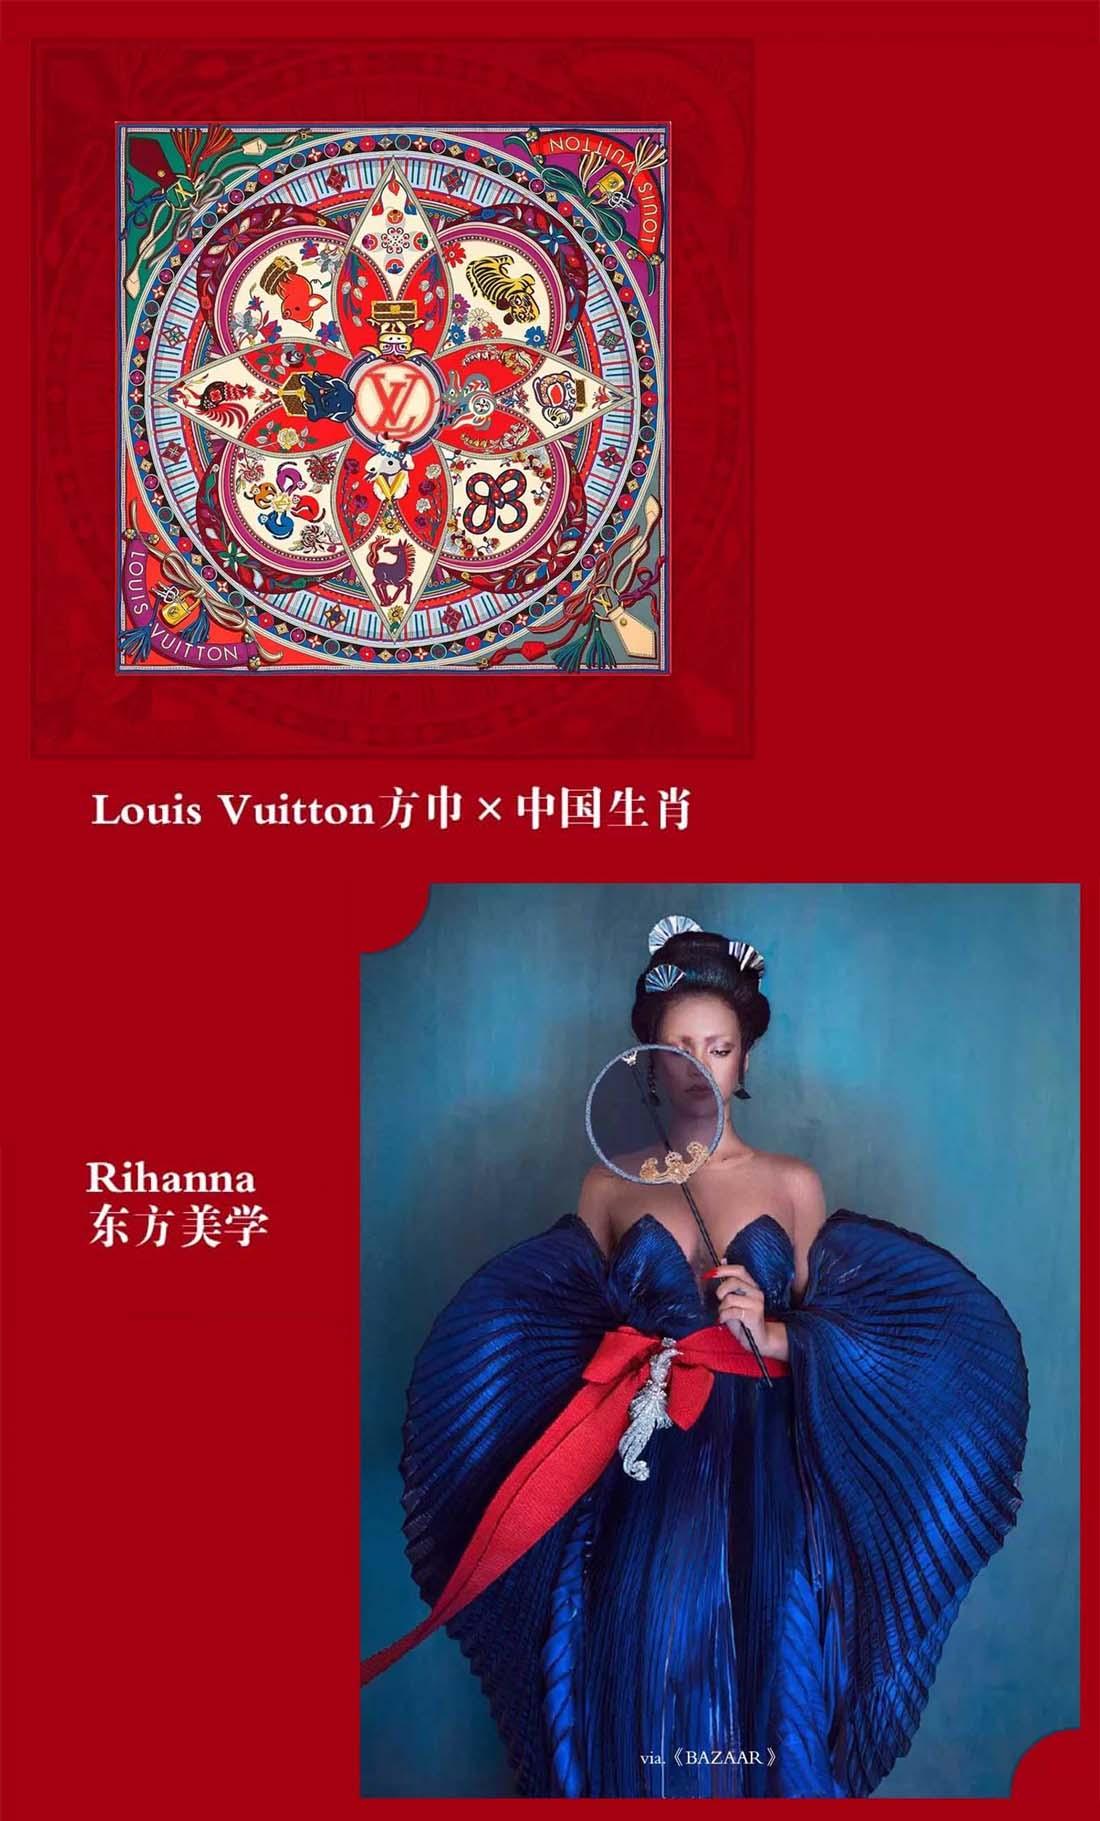 中国元素时尚